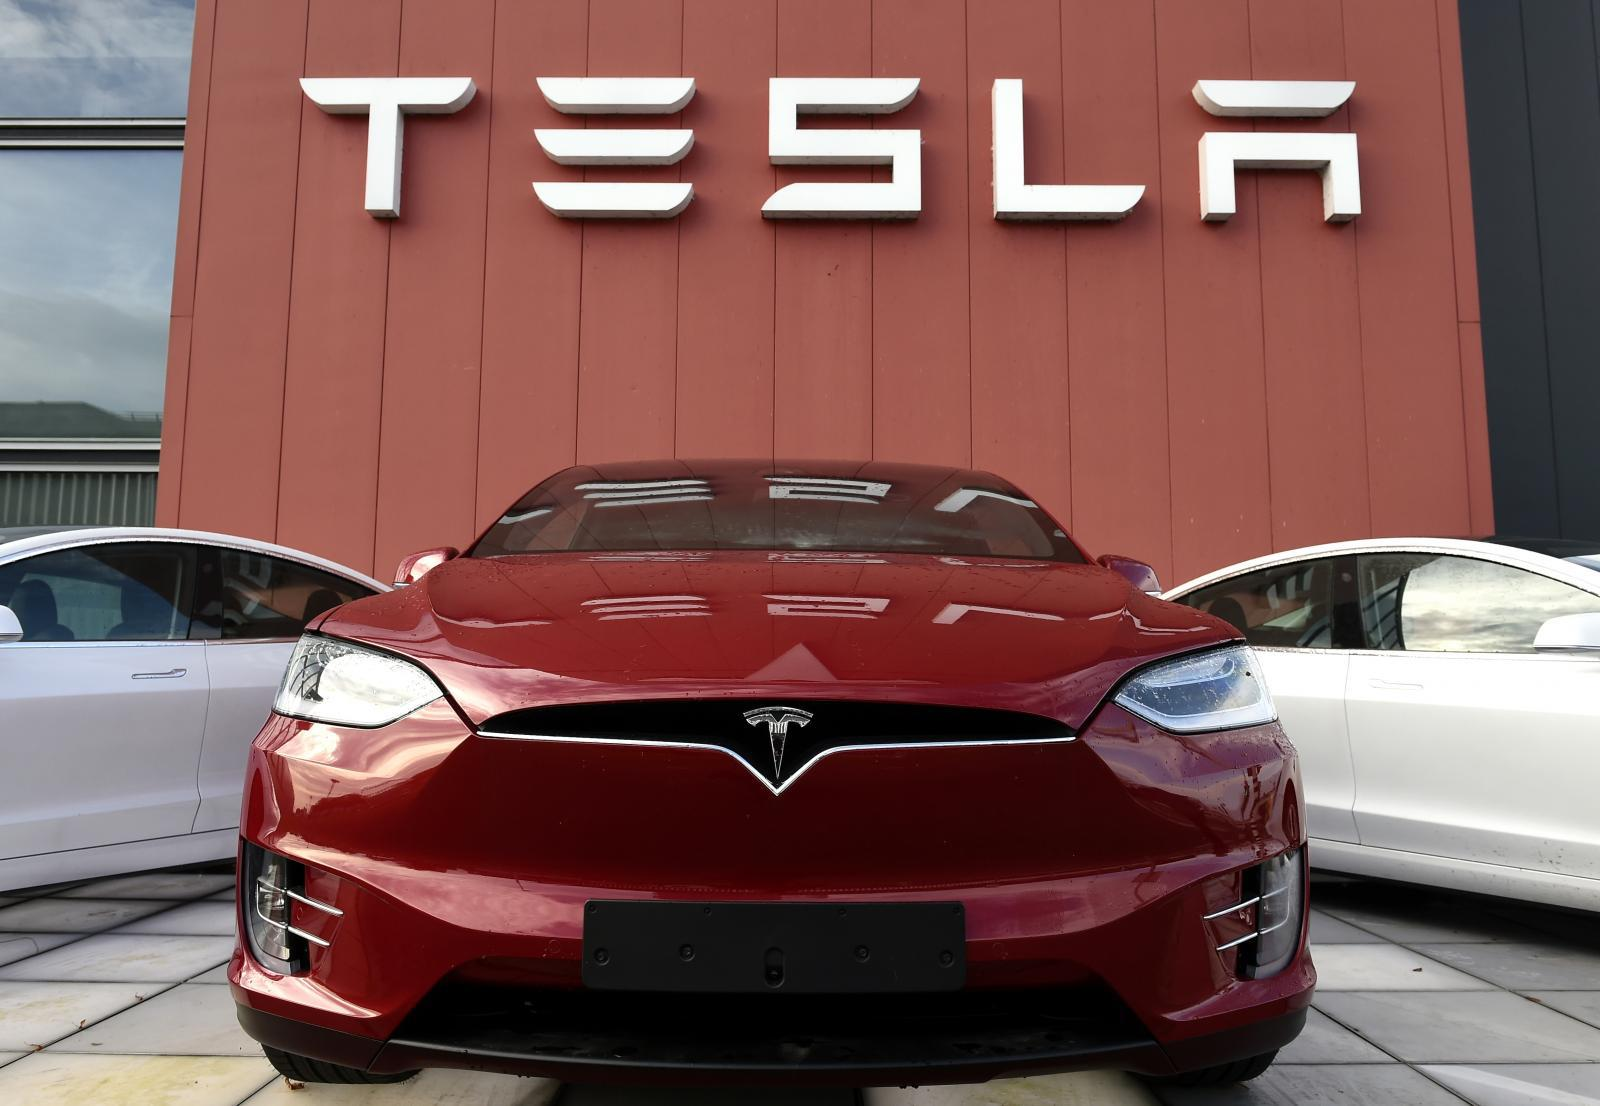 เทสลา  โค่นบัลลังก์ โตโยต้า ผงาดค่ายรถยนต์มูลค่าสูงสุดในโลก